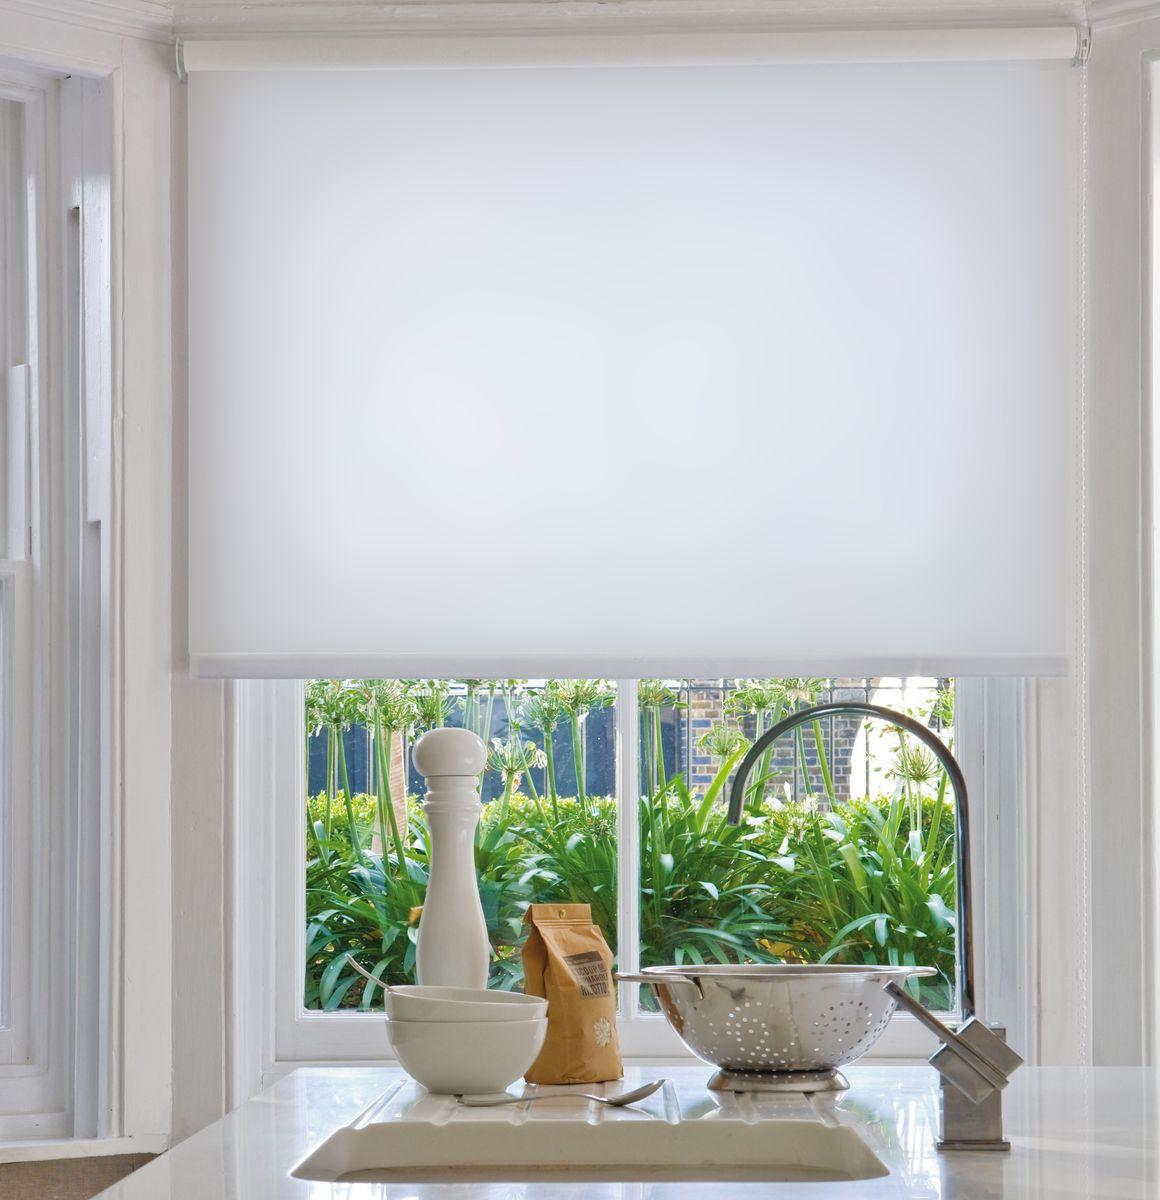 Штора рулонная Эскар Миниролло, цвет: белый, ширина 37 см, высота 170 см31008037170Рулонная штора Эскар Миниролло выполнена из высокопрочной ткани, которая сохраняет свой размер даже при намокании. Ткань не выцветает и обладает отличной цветоустойчивостью.Миниролло - это подвид рулонных штор, который закрывает не весь оконный проем, а непосредственно само стекло. Такие шторы крепятся на раму без сверления при помощи зажимов или клейкой двухсторонней ленты (в комплекте). Окно остается на гарантии, благодаря монтажу без сверления. Такая штора станет прекрасным элементом декора окна и гармонично впишется в интерьер любого помещения.